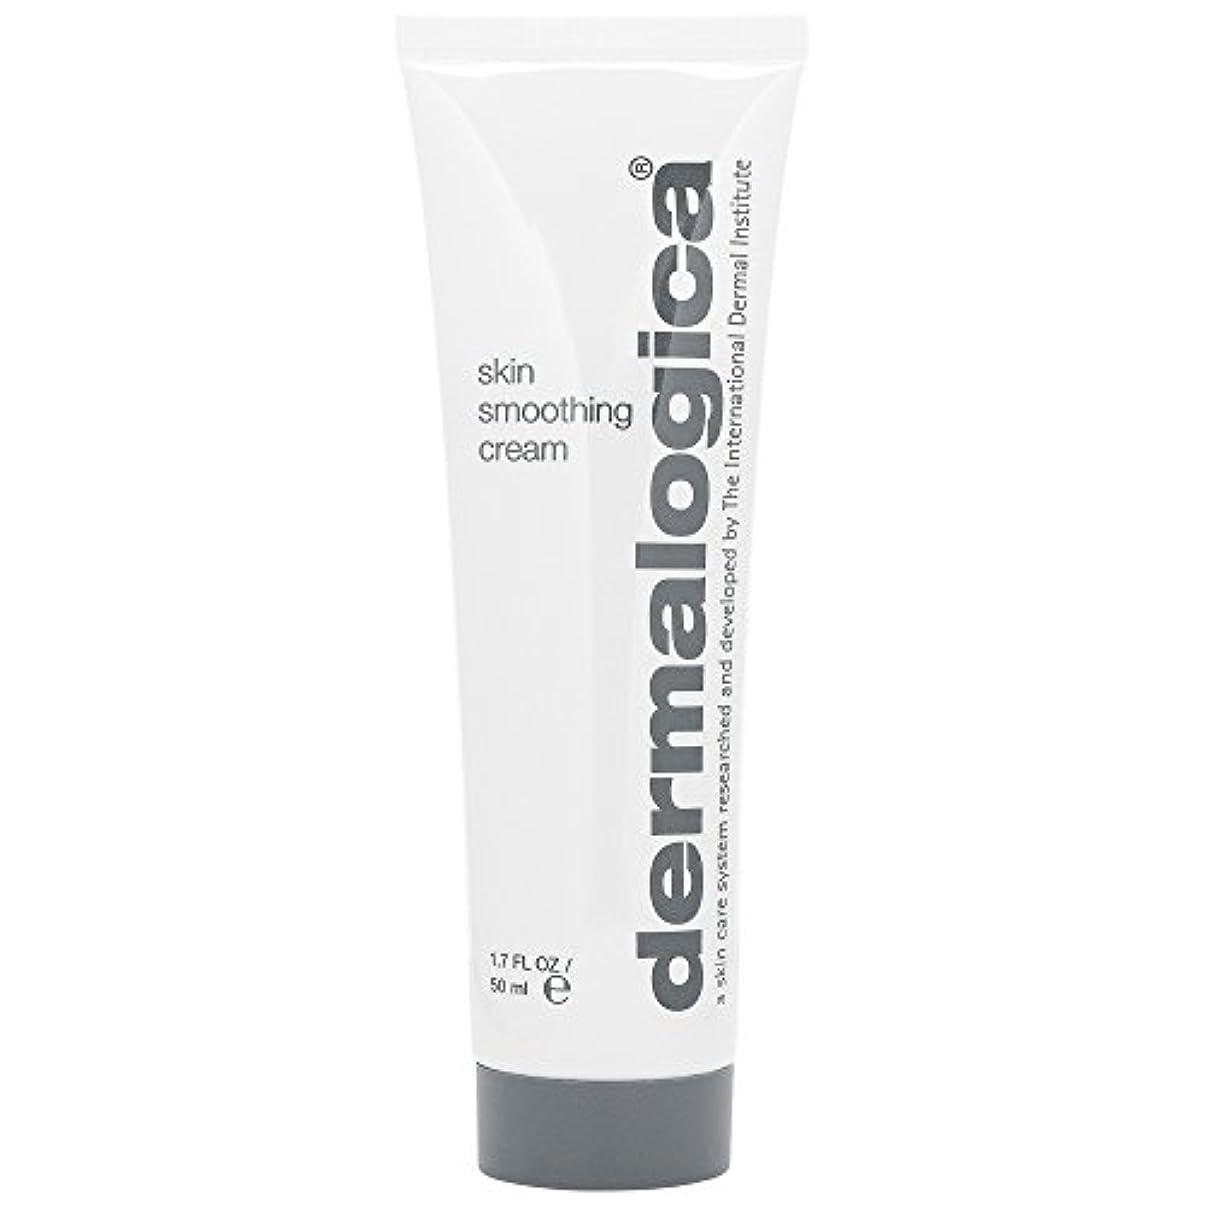 粘土一緒に時間厳守ダーマロジカスキンスムージングクリーム50ミリリットル (Dermalogica) - Dermalogica Skin Smoothing Cream 50ml [並行輸入品]